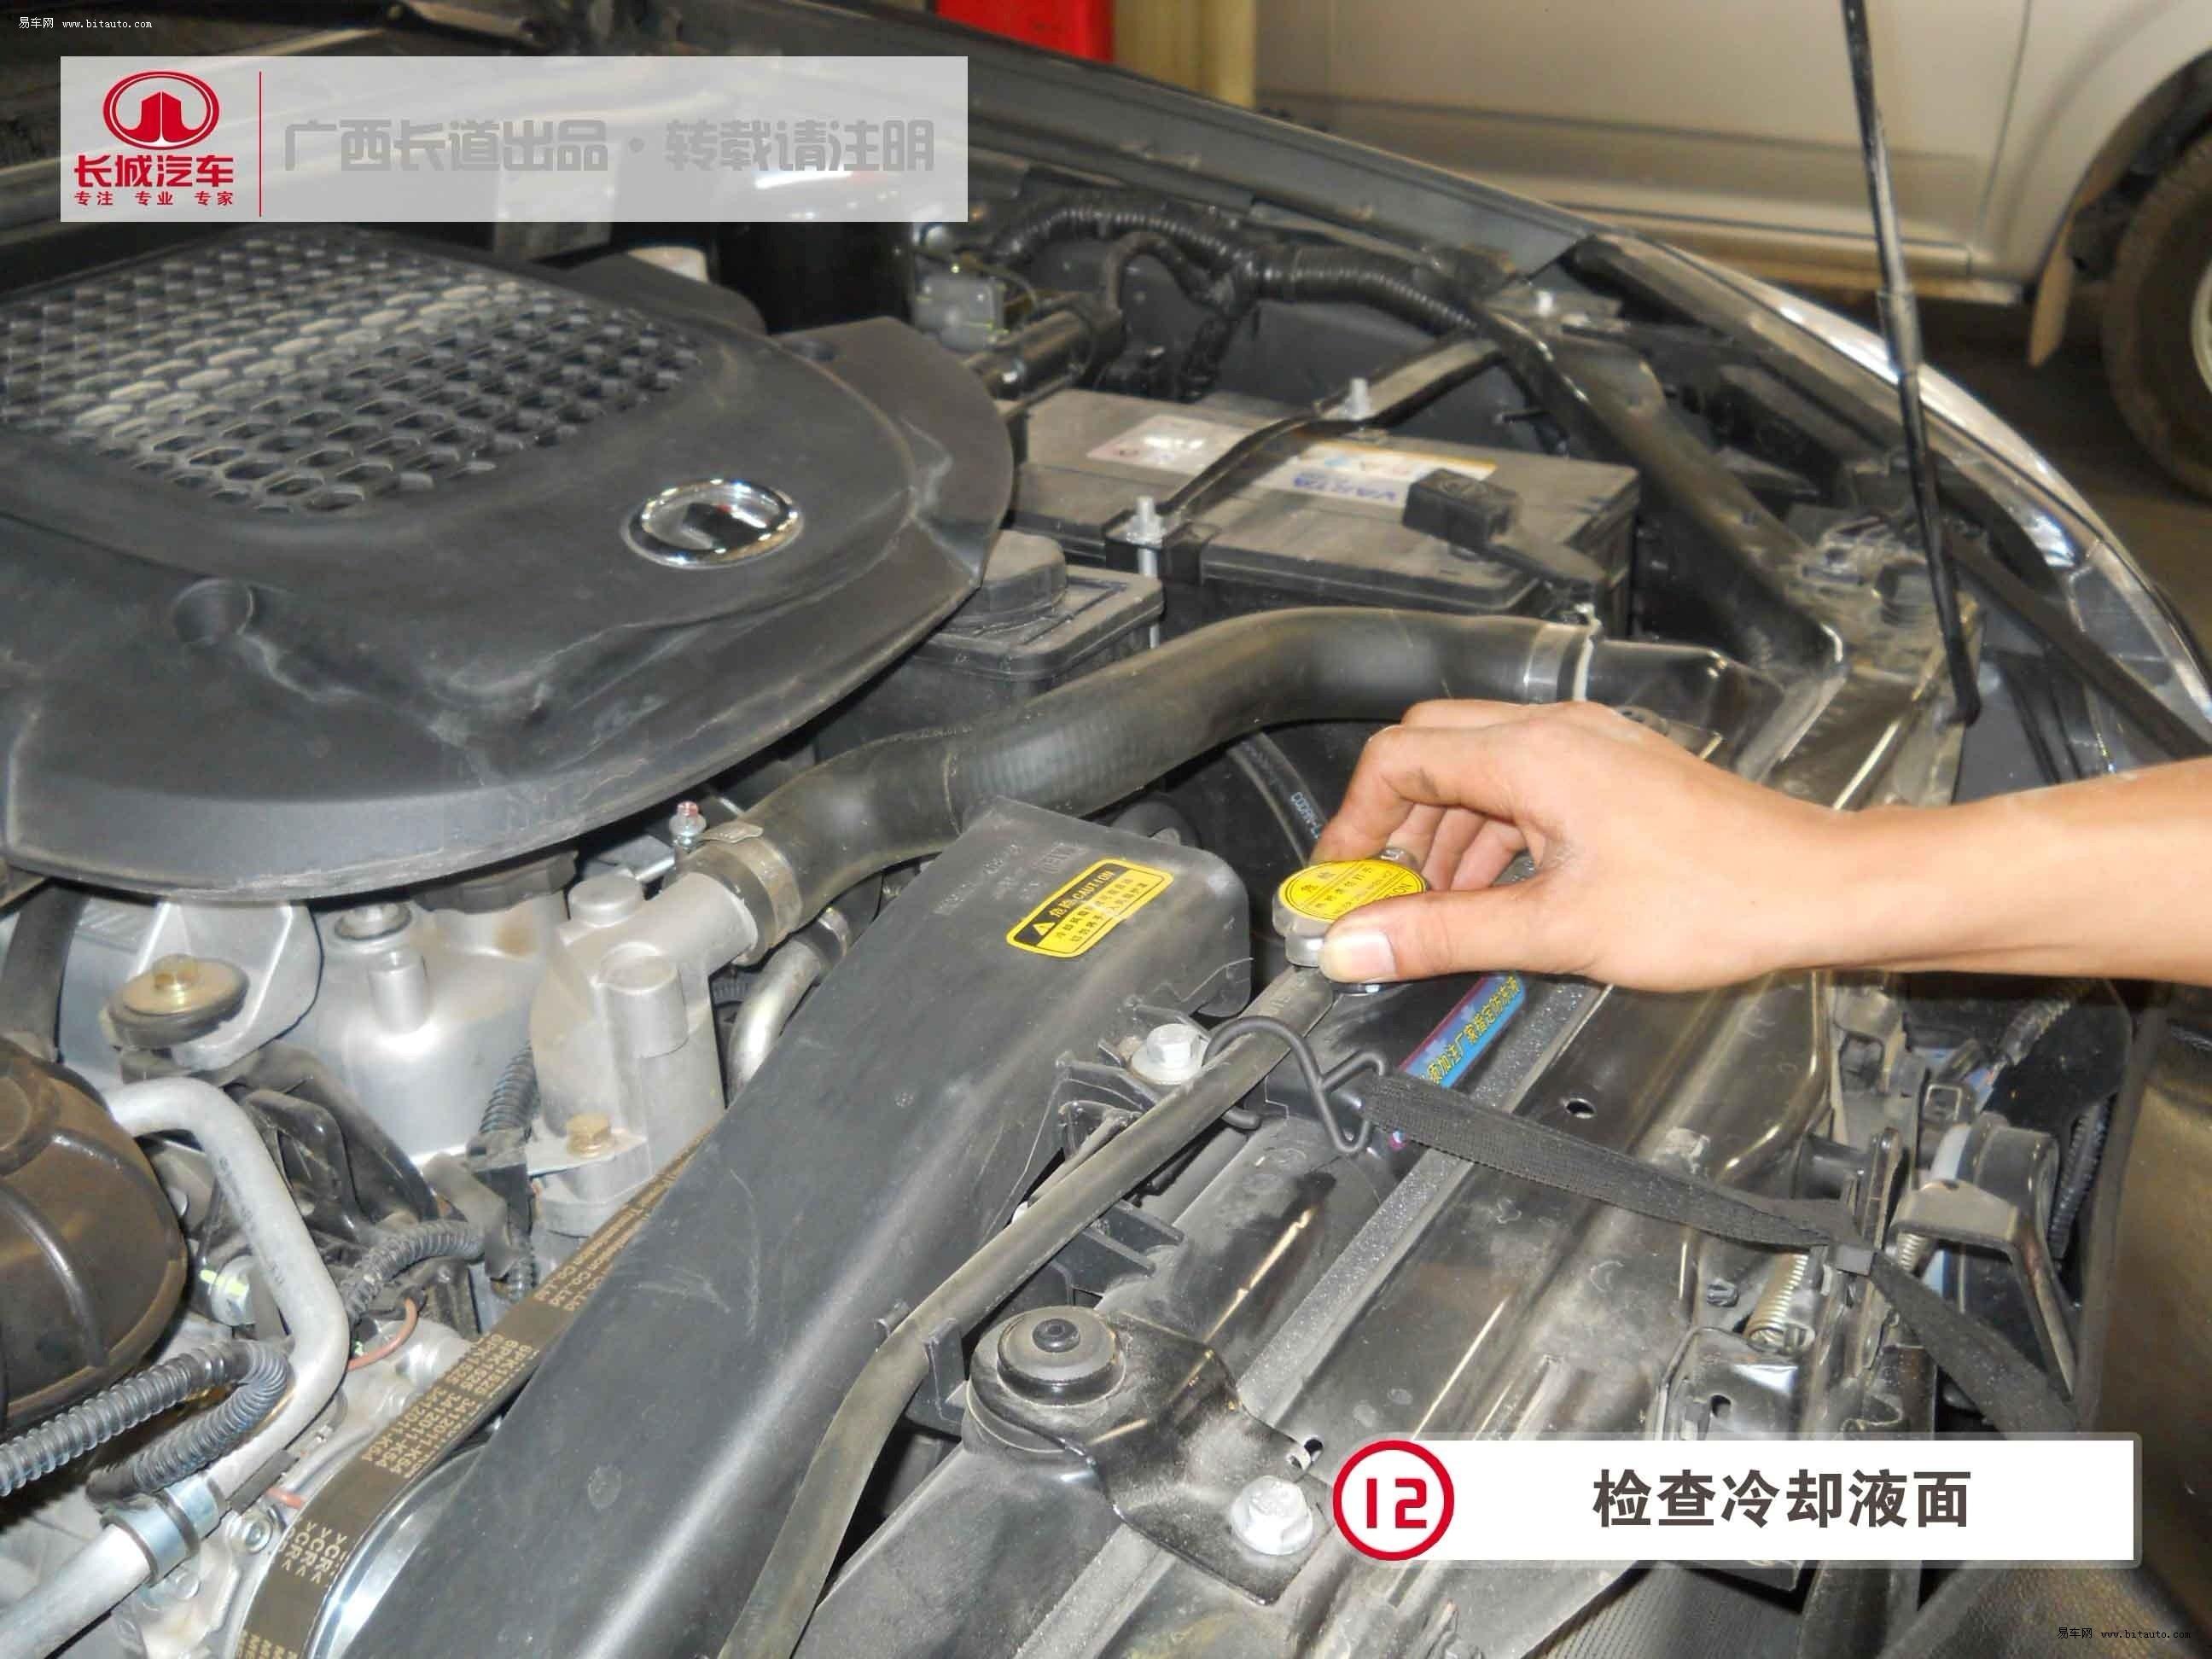 汽车助力转向油_长城汽车上转向助力油在哪位置,怎样自行更换-